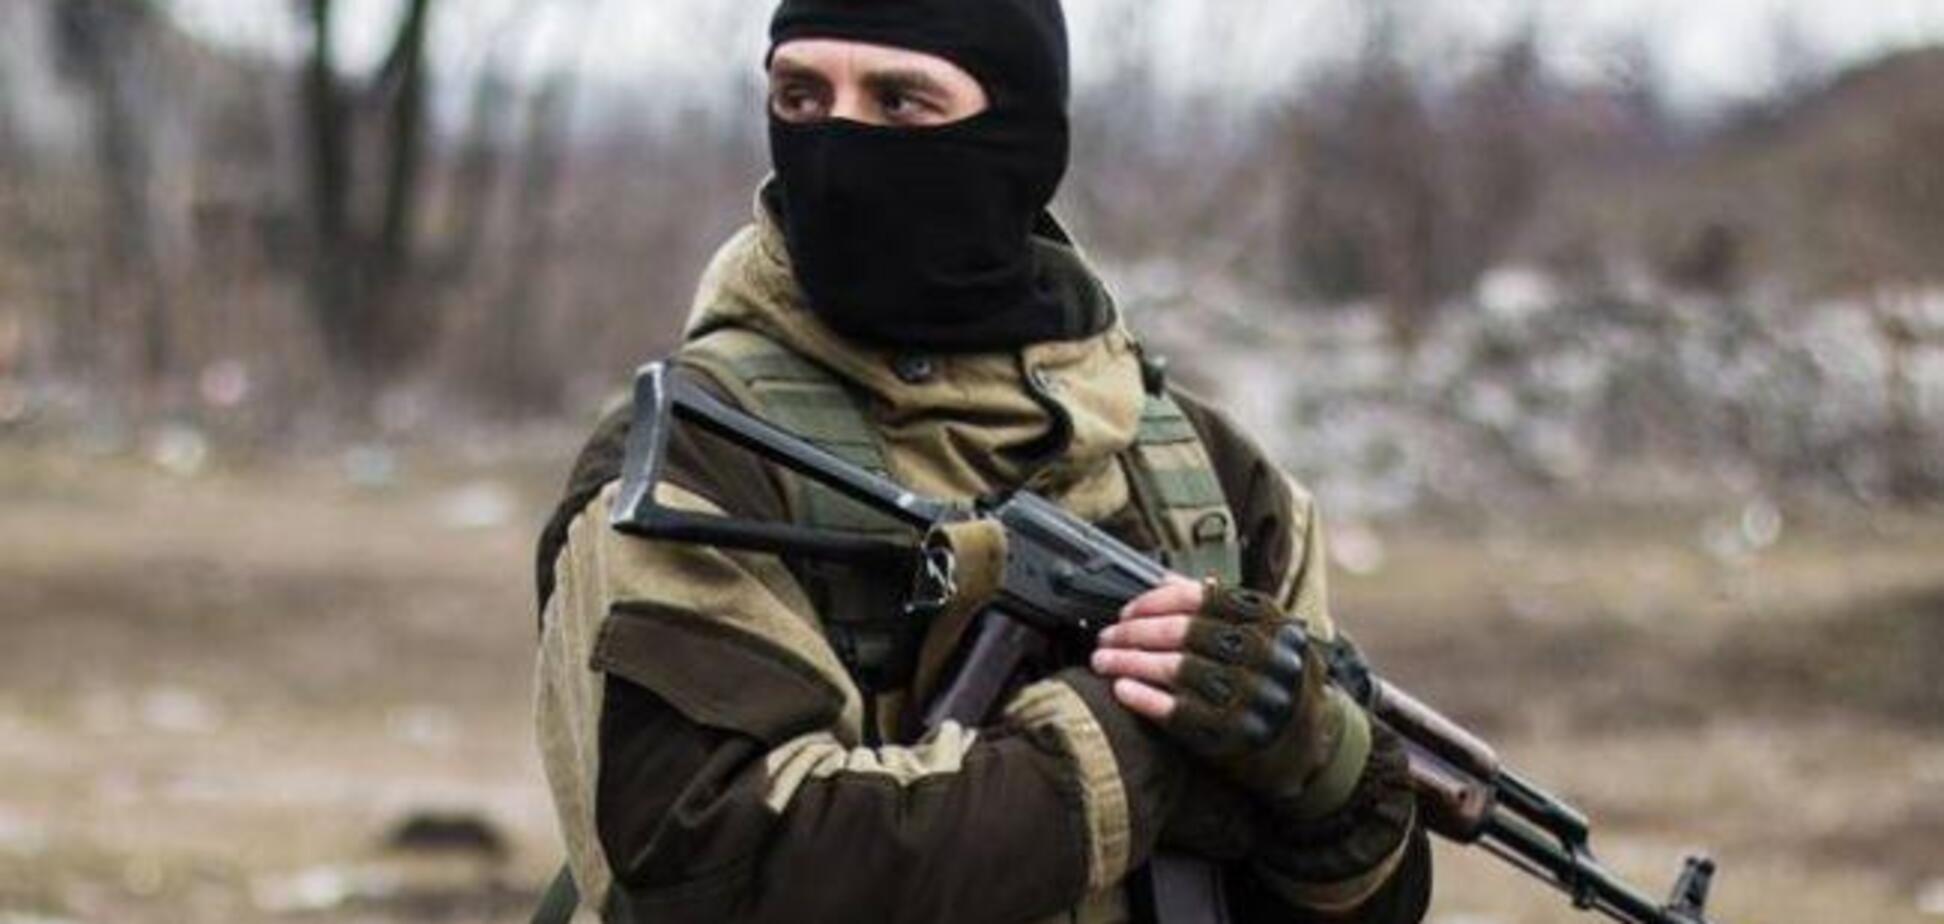 Никогда не имейте дело с радикалами и террористами, иначе станете их первой жертвой